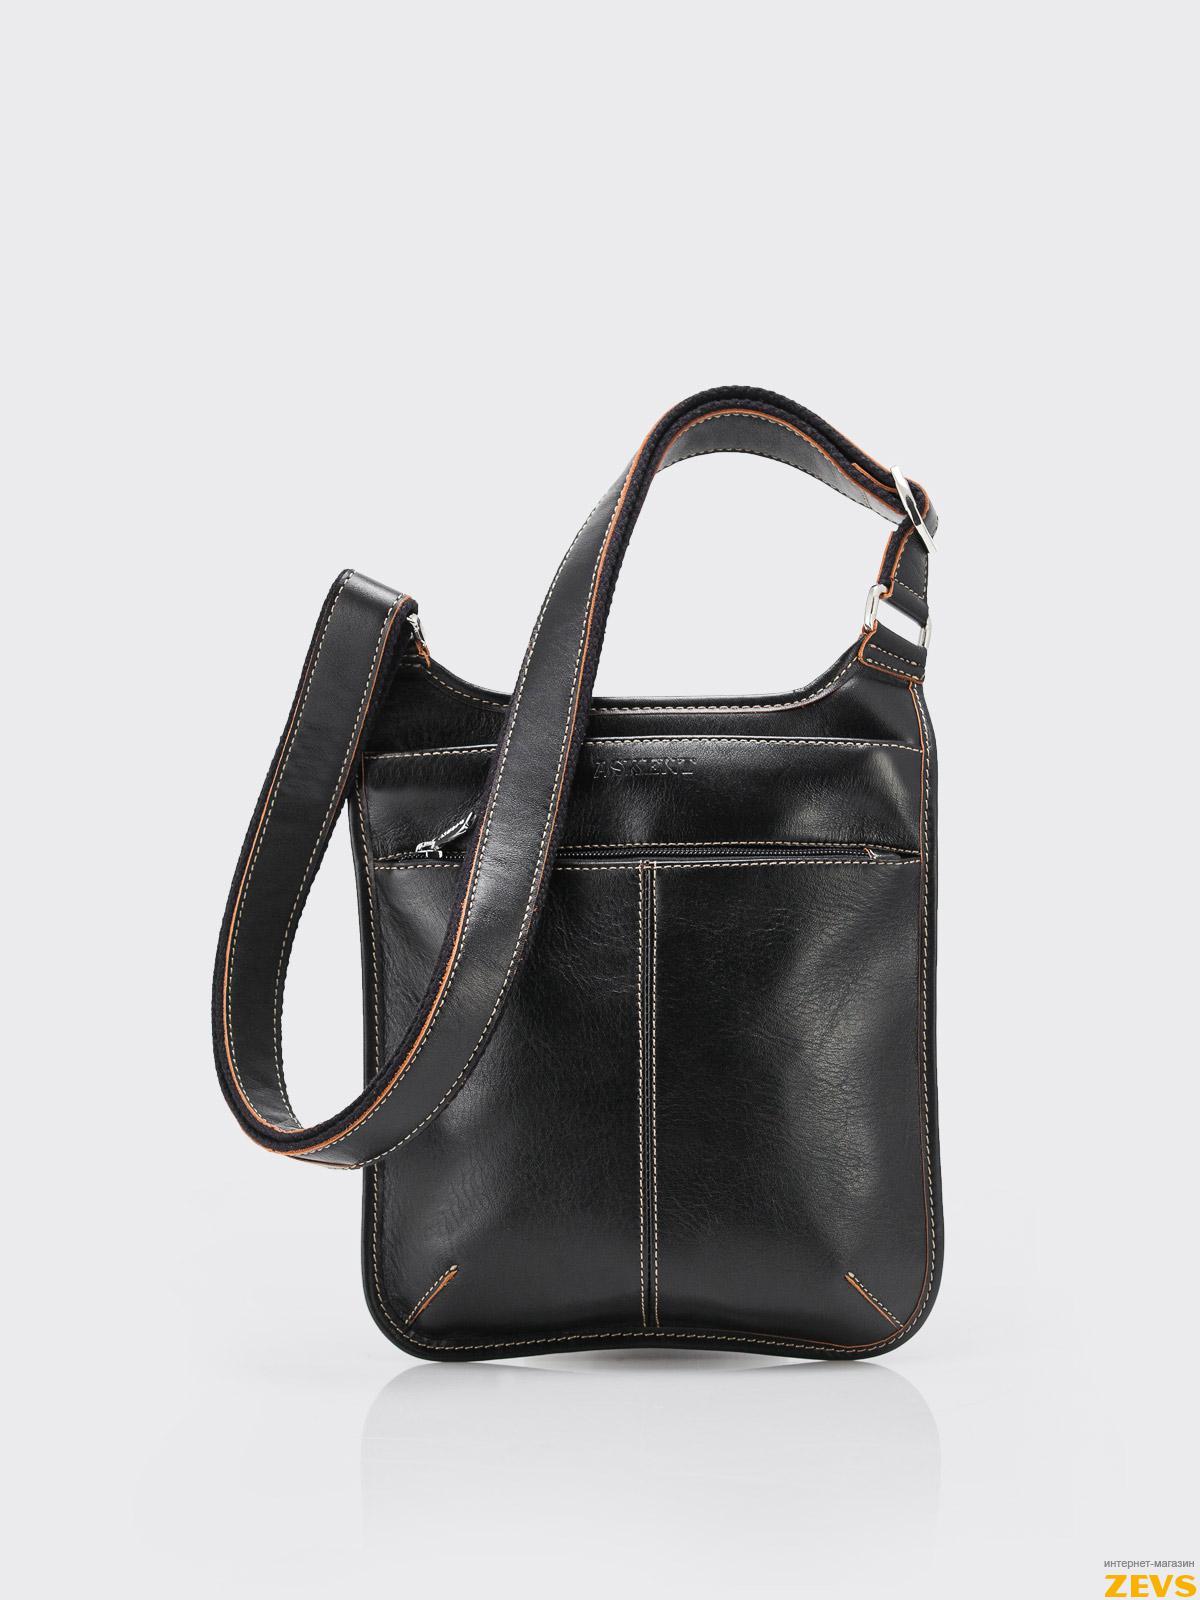 533b17363c07 «Мужские сумки из натуральной кожи для документов, и планшета» — карточка  пользователя proele888 в Яндекс.Коллекциях